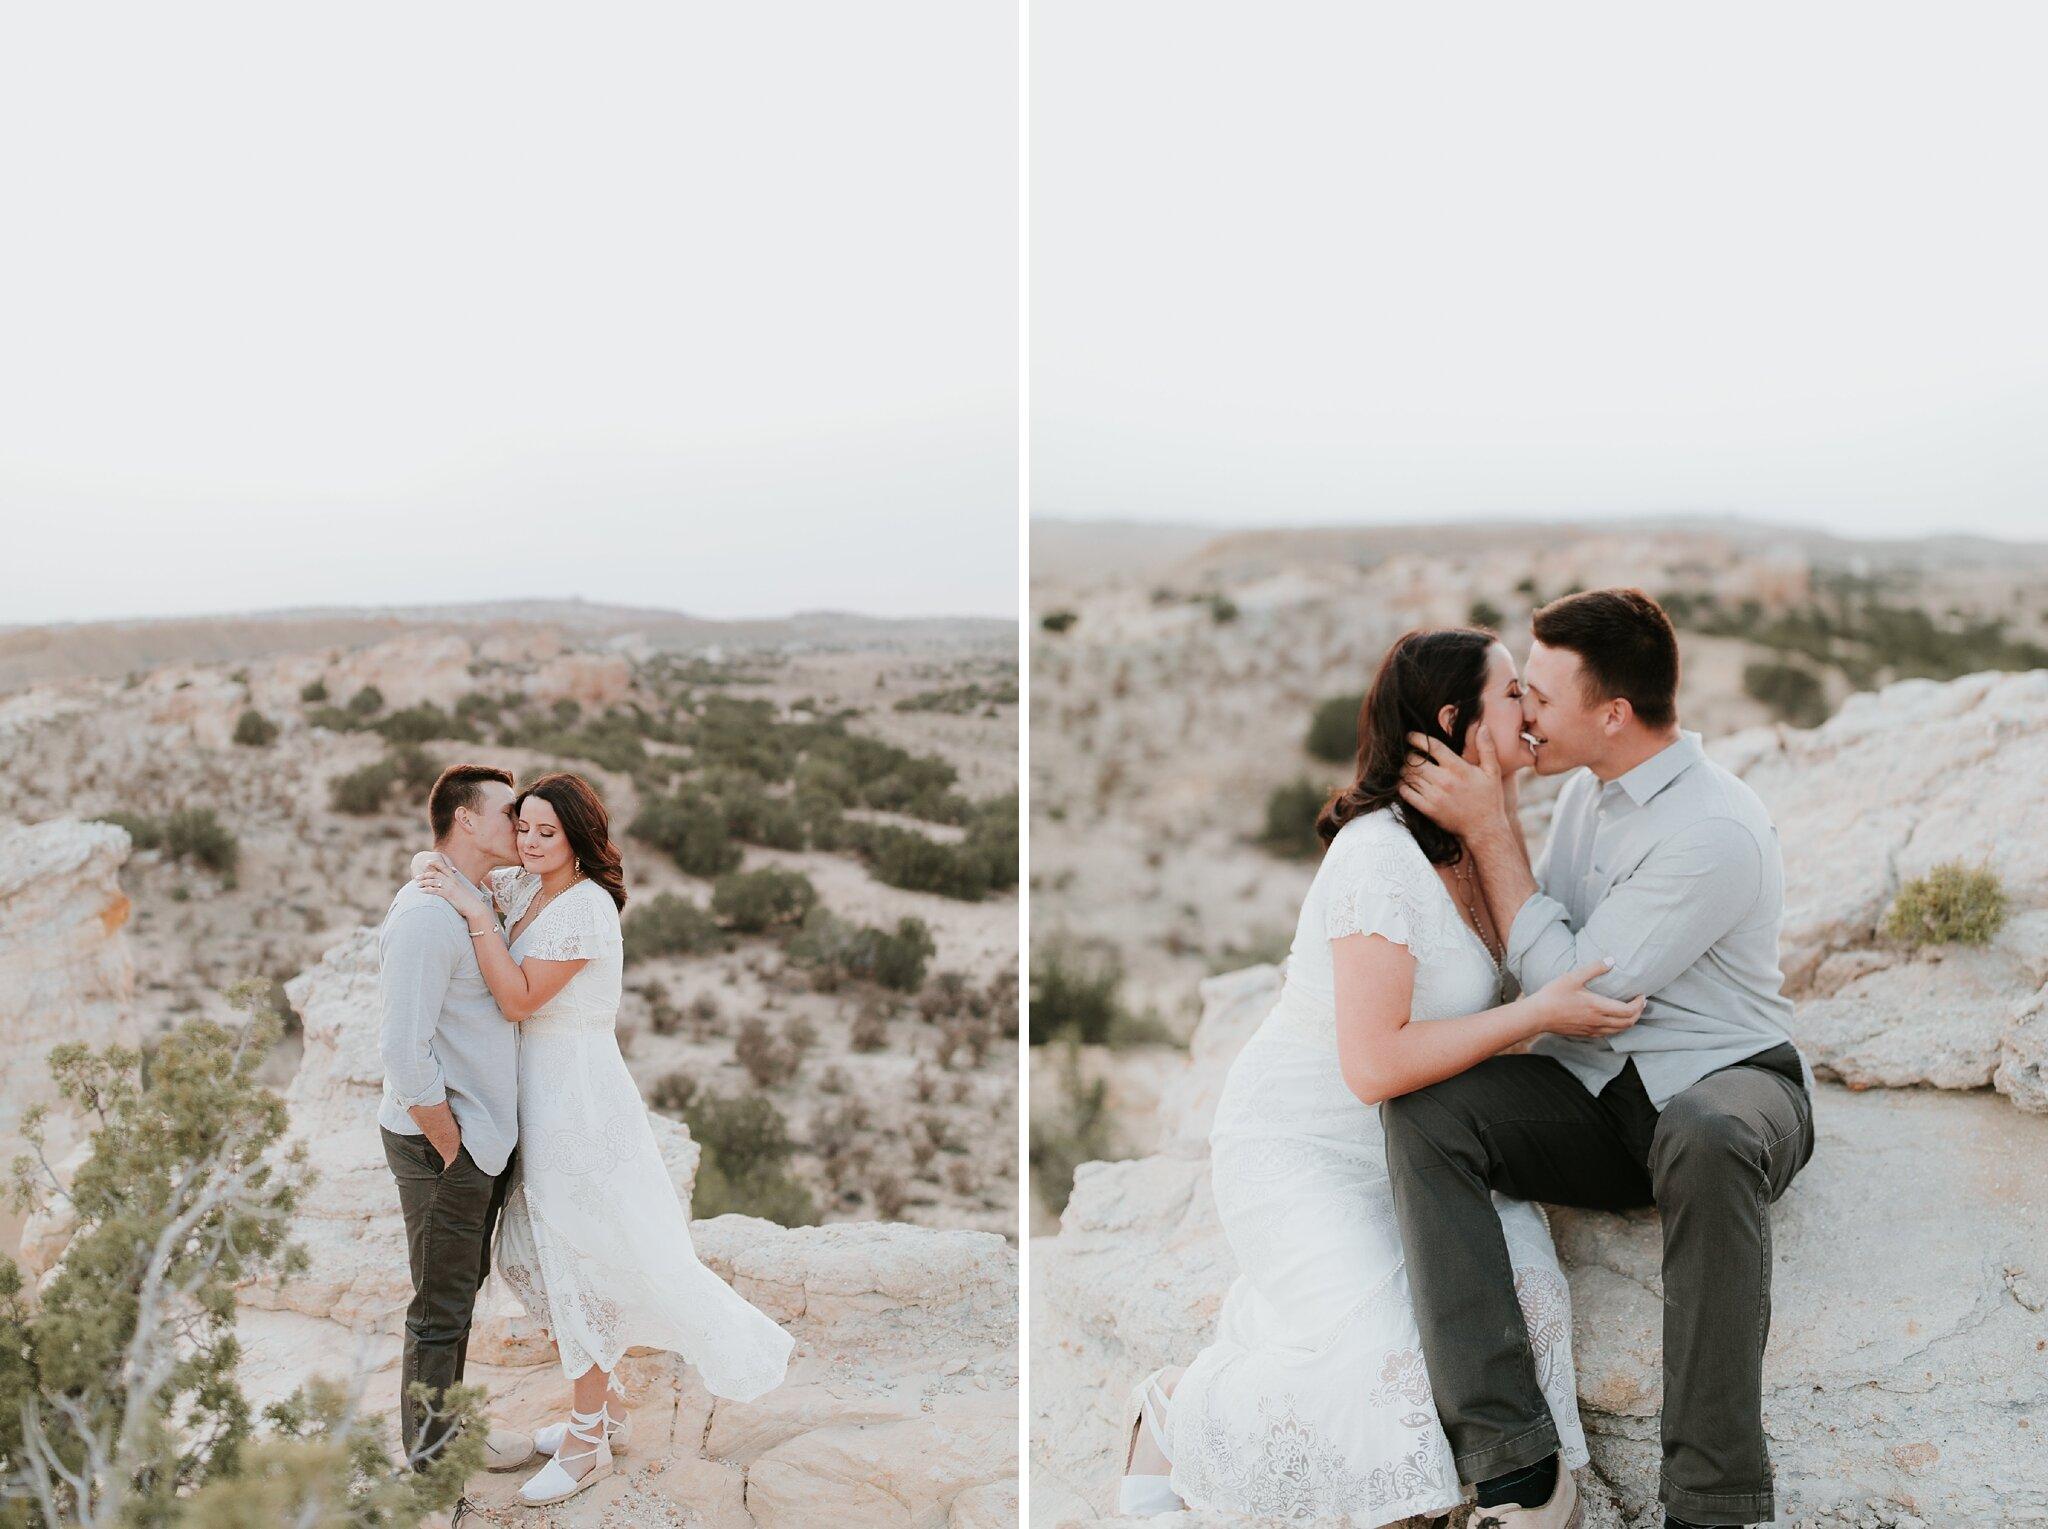 Alicia+lucia+photography+-+albuquerque+wedding+photographer+-+santa+fe+wedding+photography+-+new+mexico+wedding+photographer+-+new+mexico+wedding+-+engagement+-+desert+engagement+-+new+mexico+engagement+-+new+mexico+desert+engagement_0054.jpg